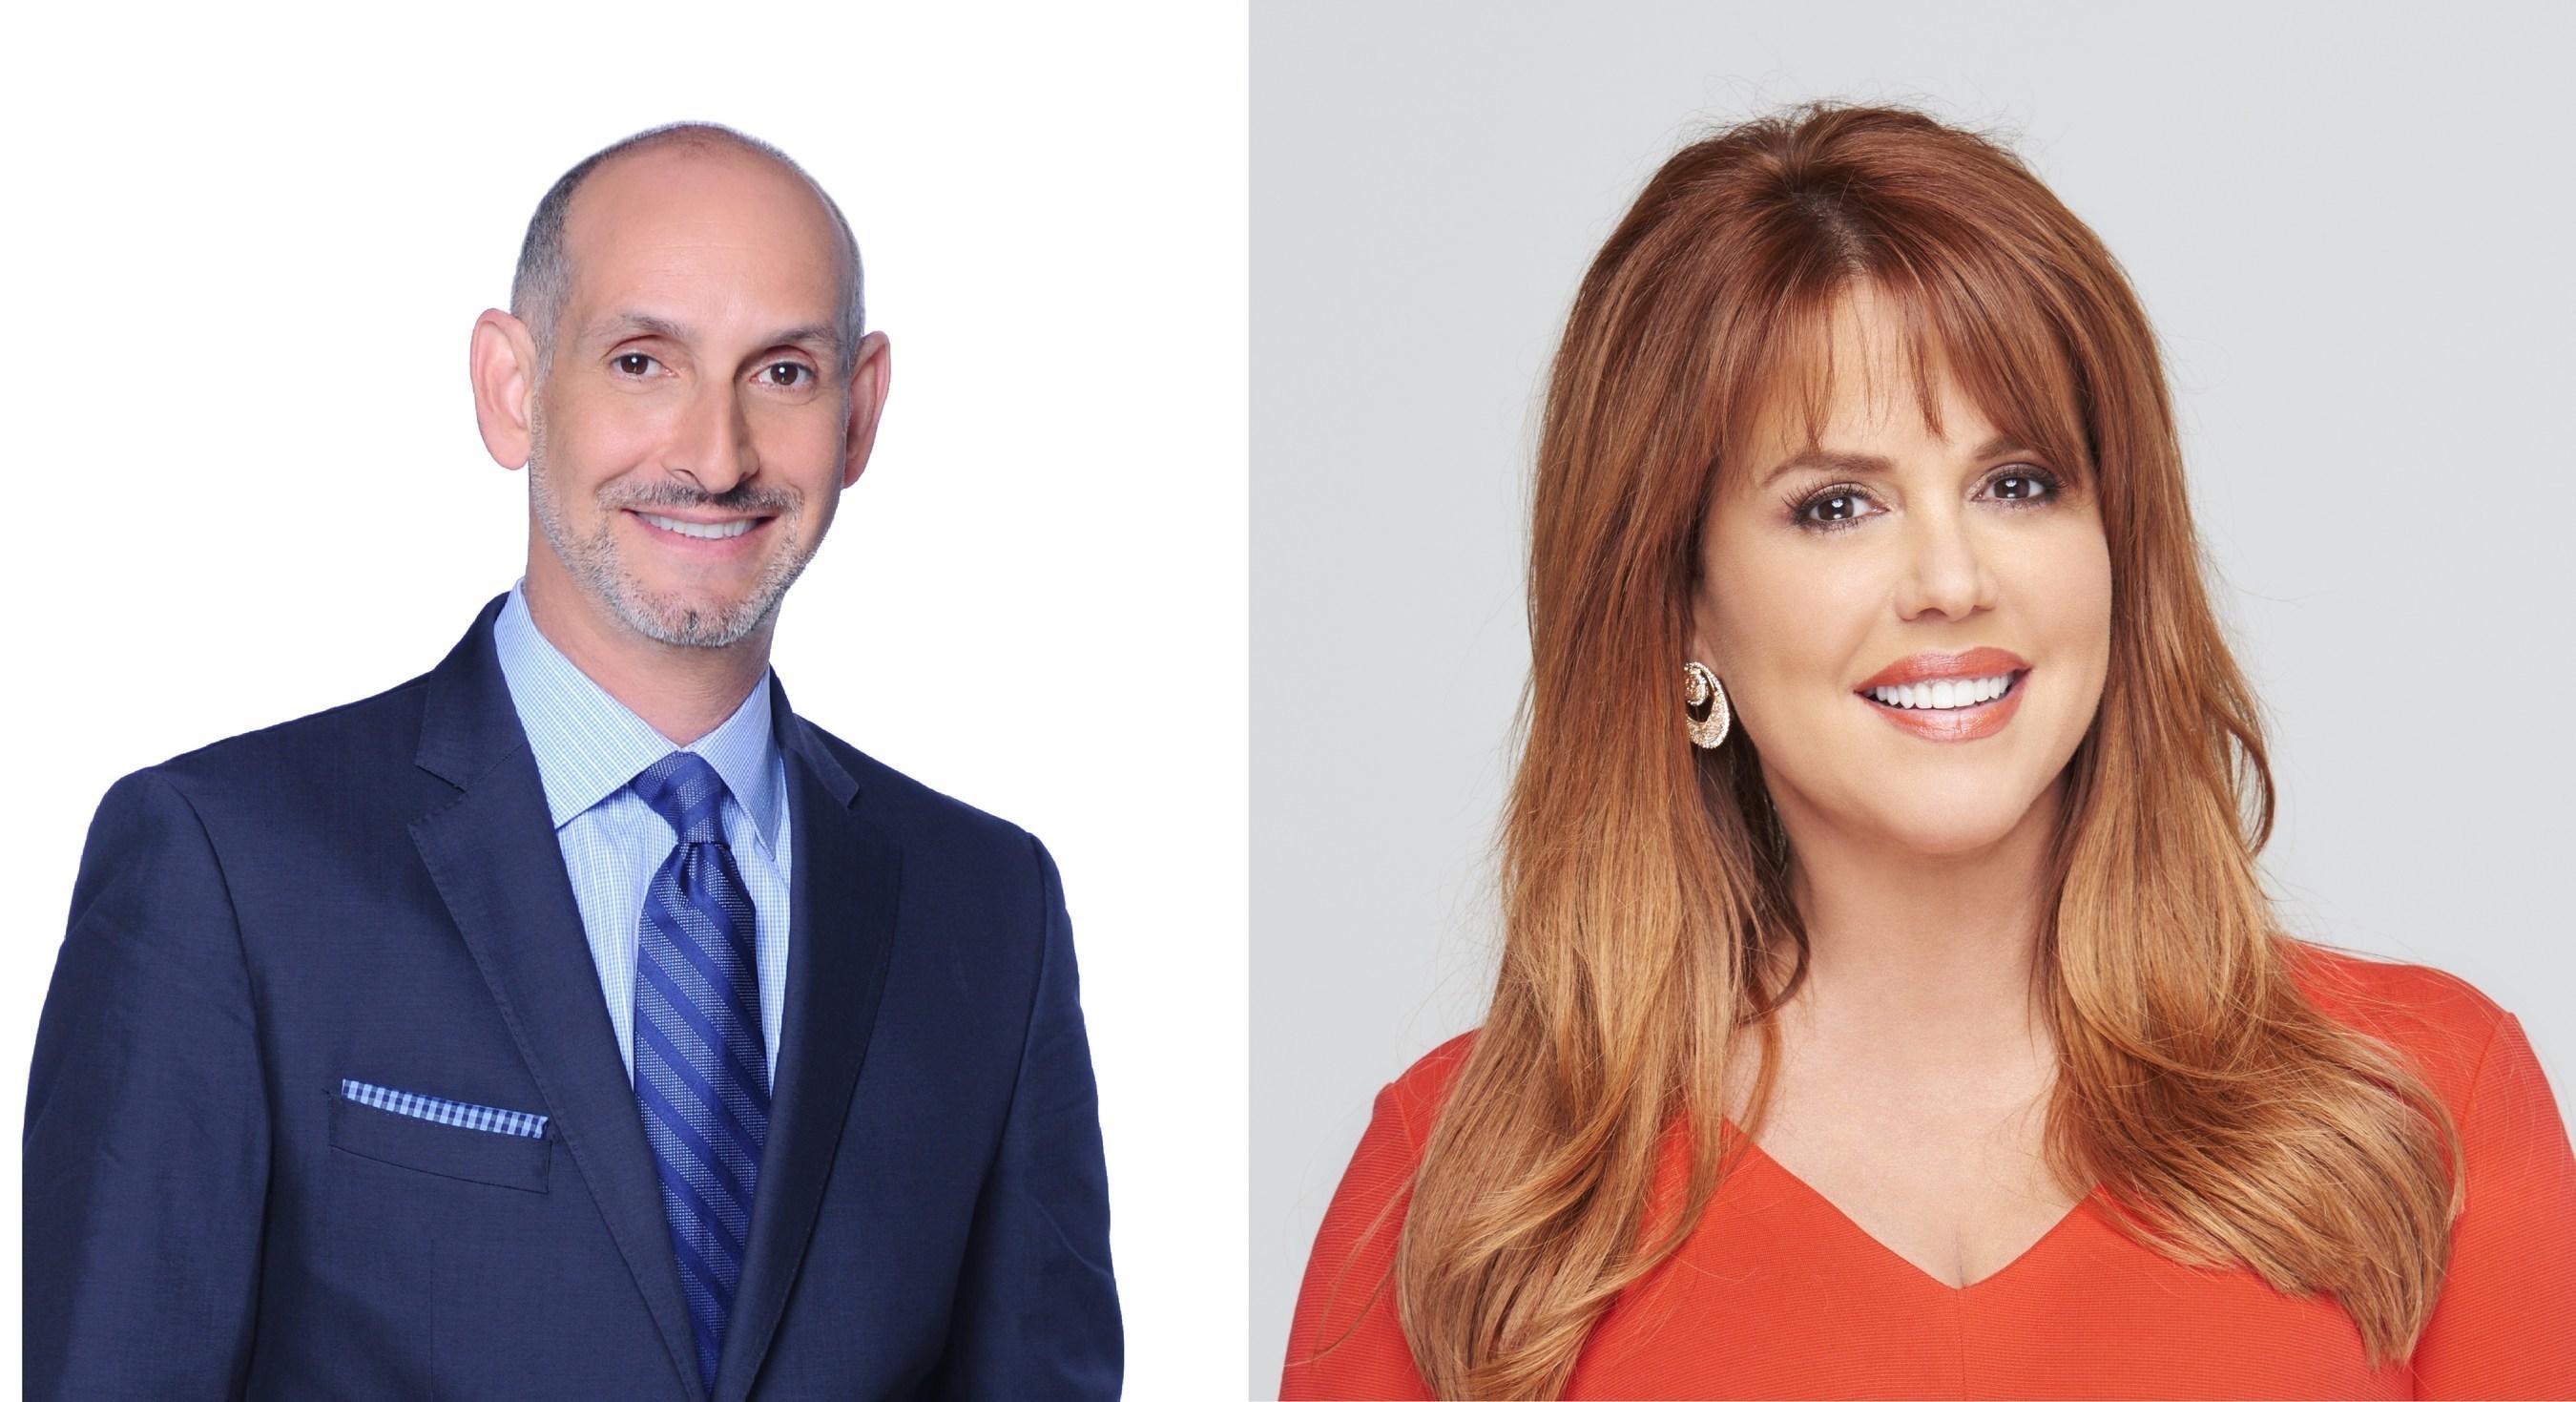 Telemundo's Luis Silberwasser Interviewed by Maria Celeste Arraras During Special Presentation at